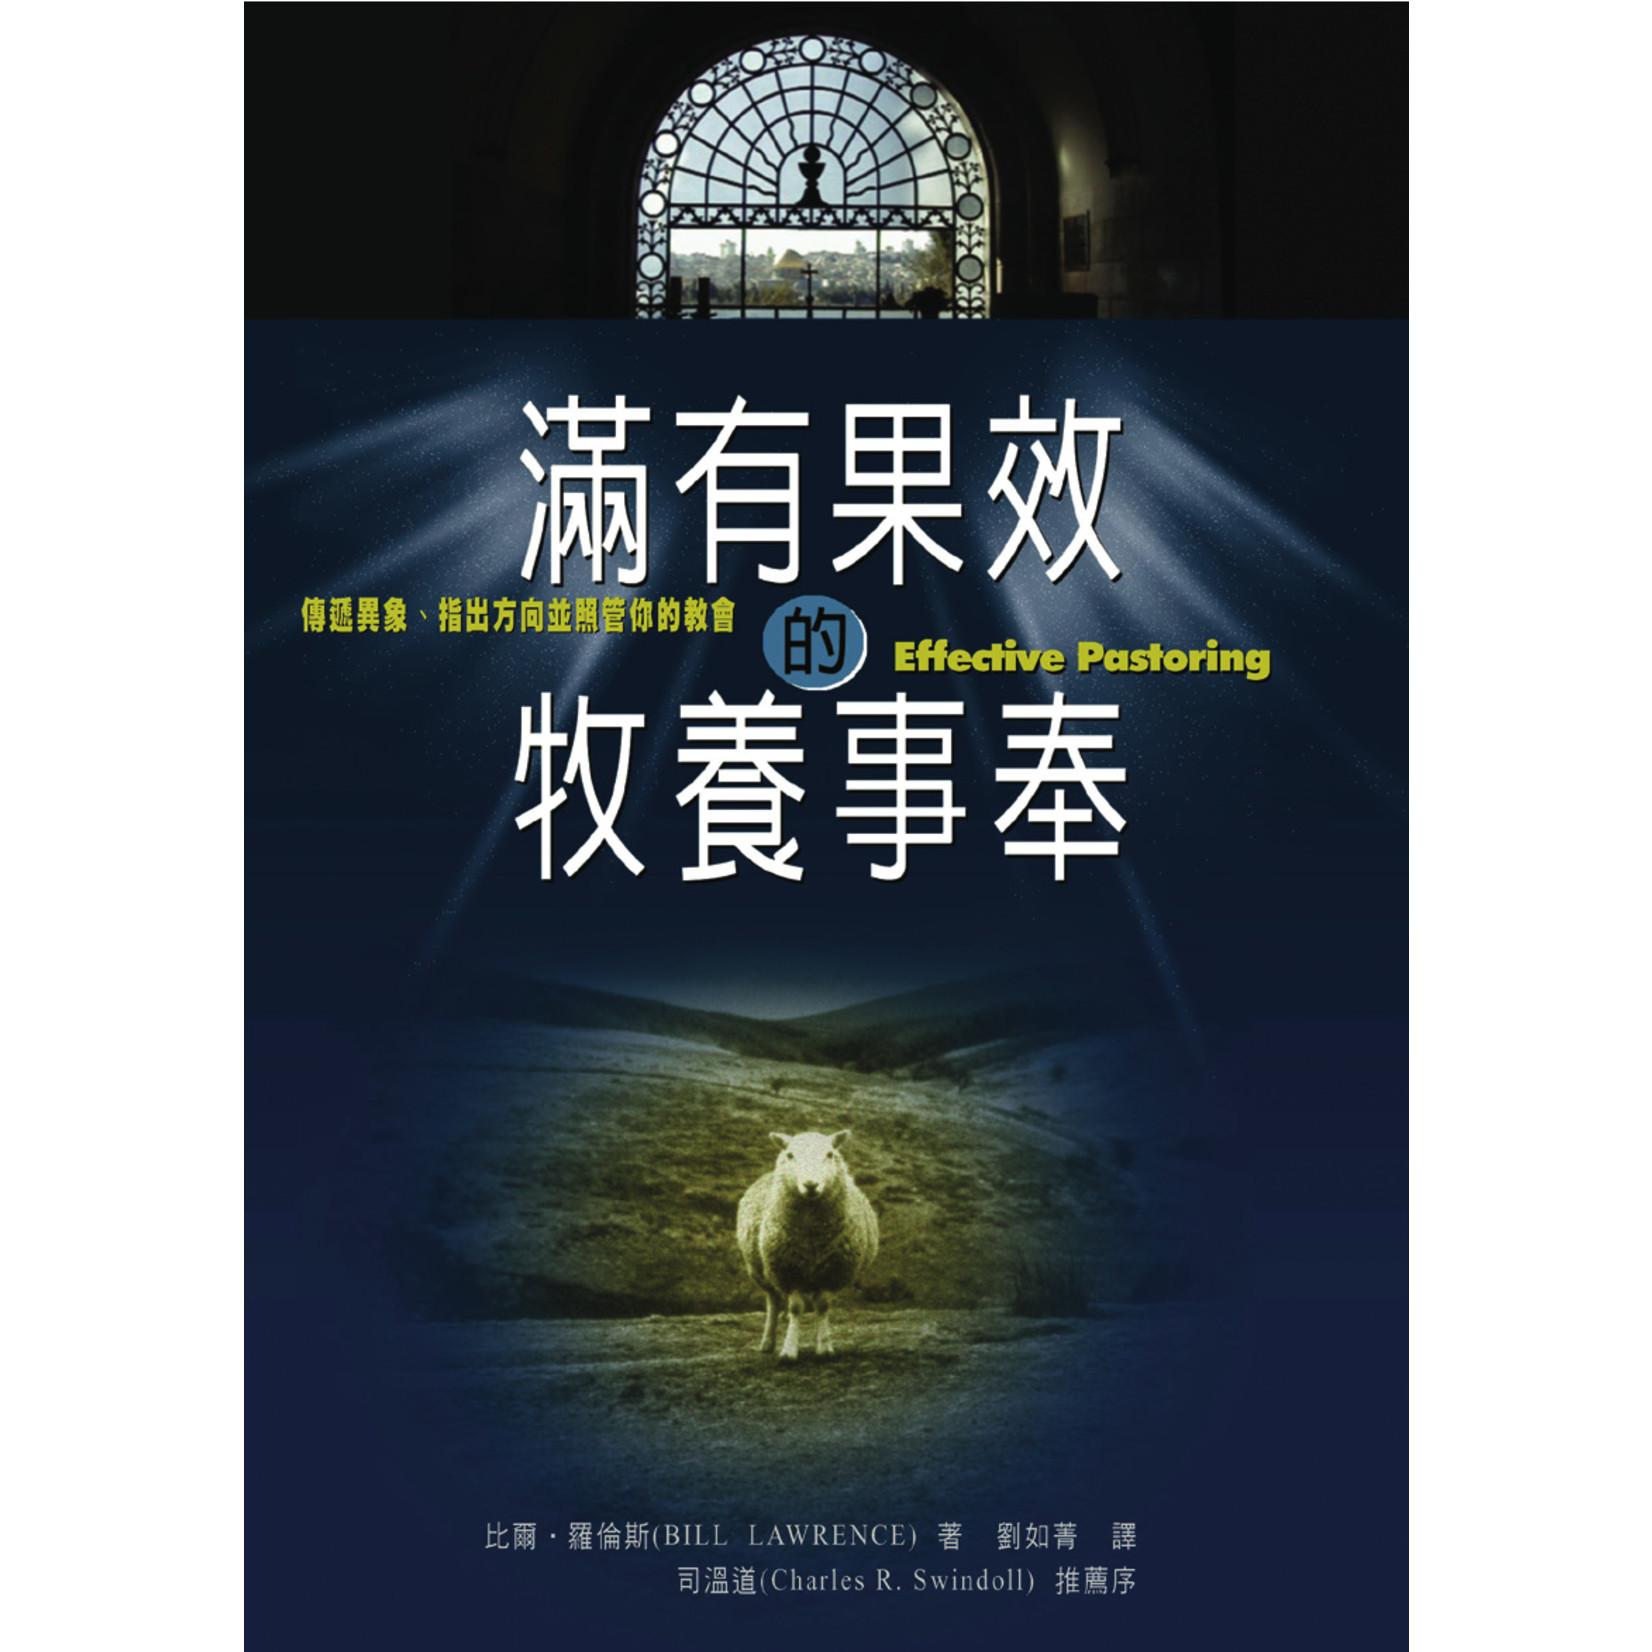 中國學園傳道會 Taiwan Campus Crusade for Christ 滿有果效的牧養事奉:傳遞異象、指出方向並照管你的教會 Effective Pastoring